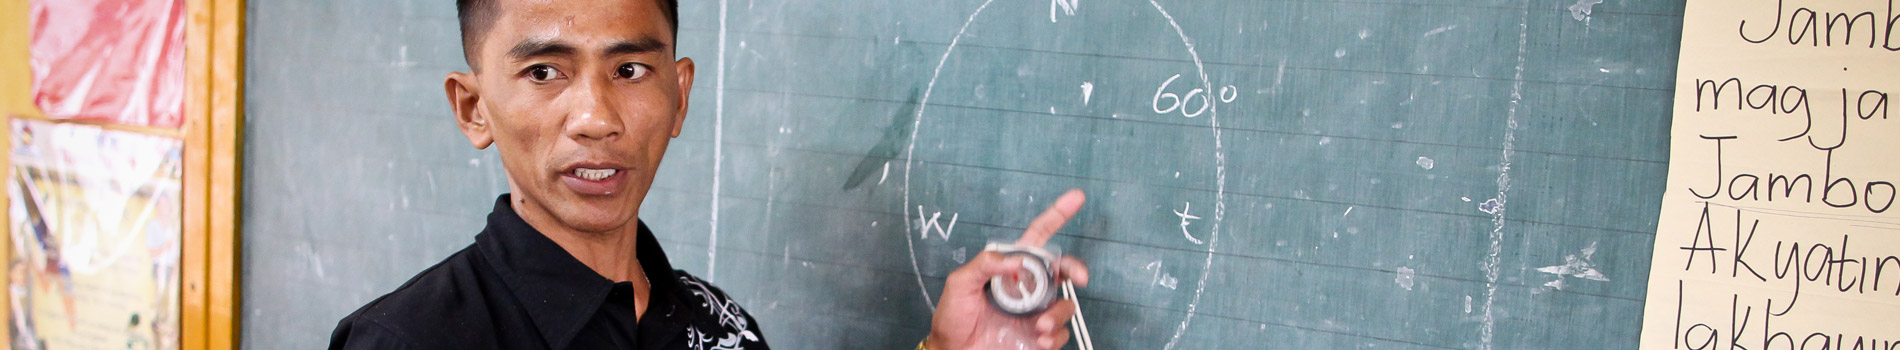 ss_teacher2_1900x350